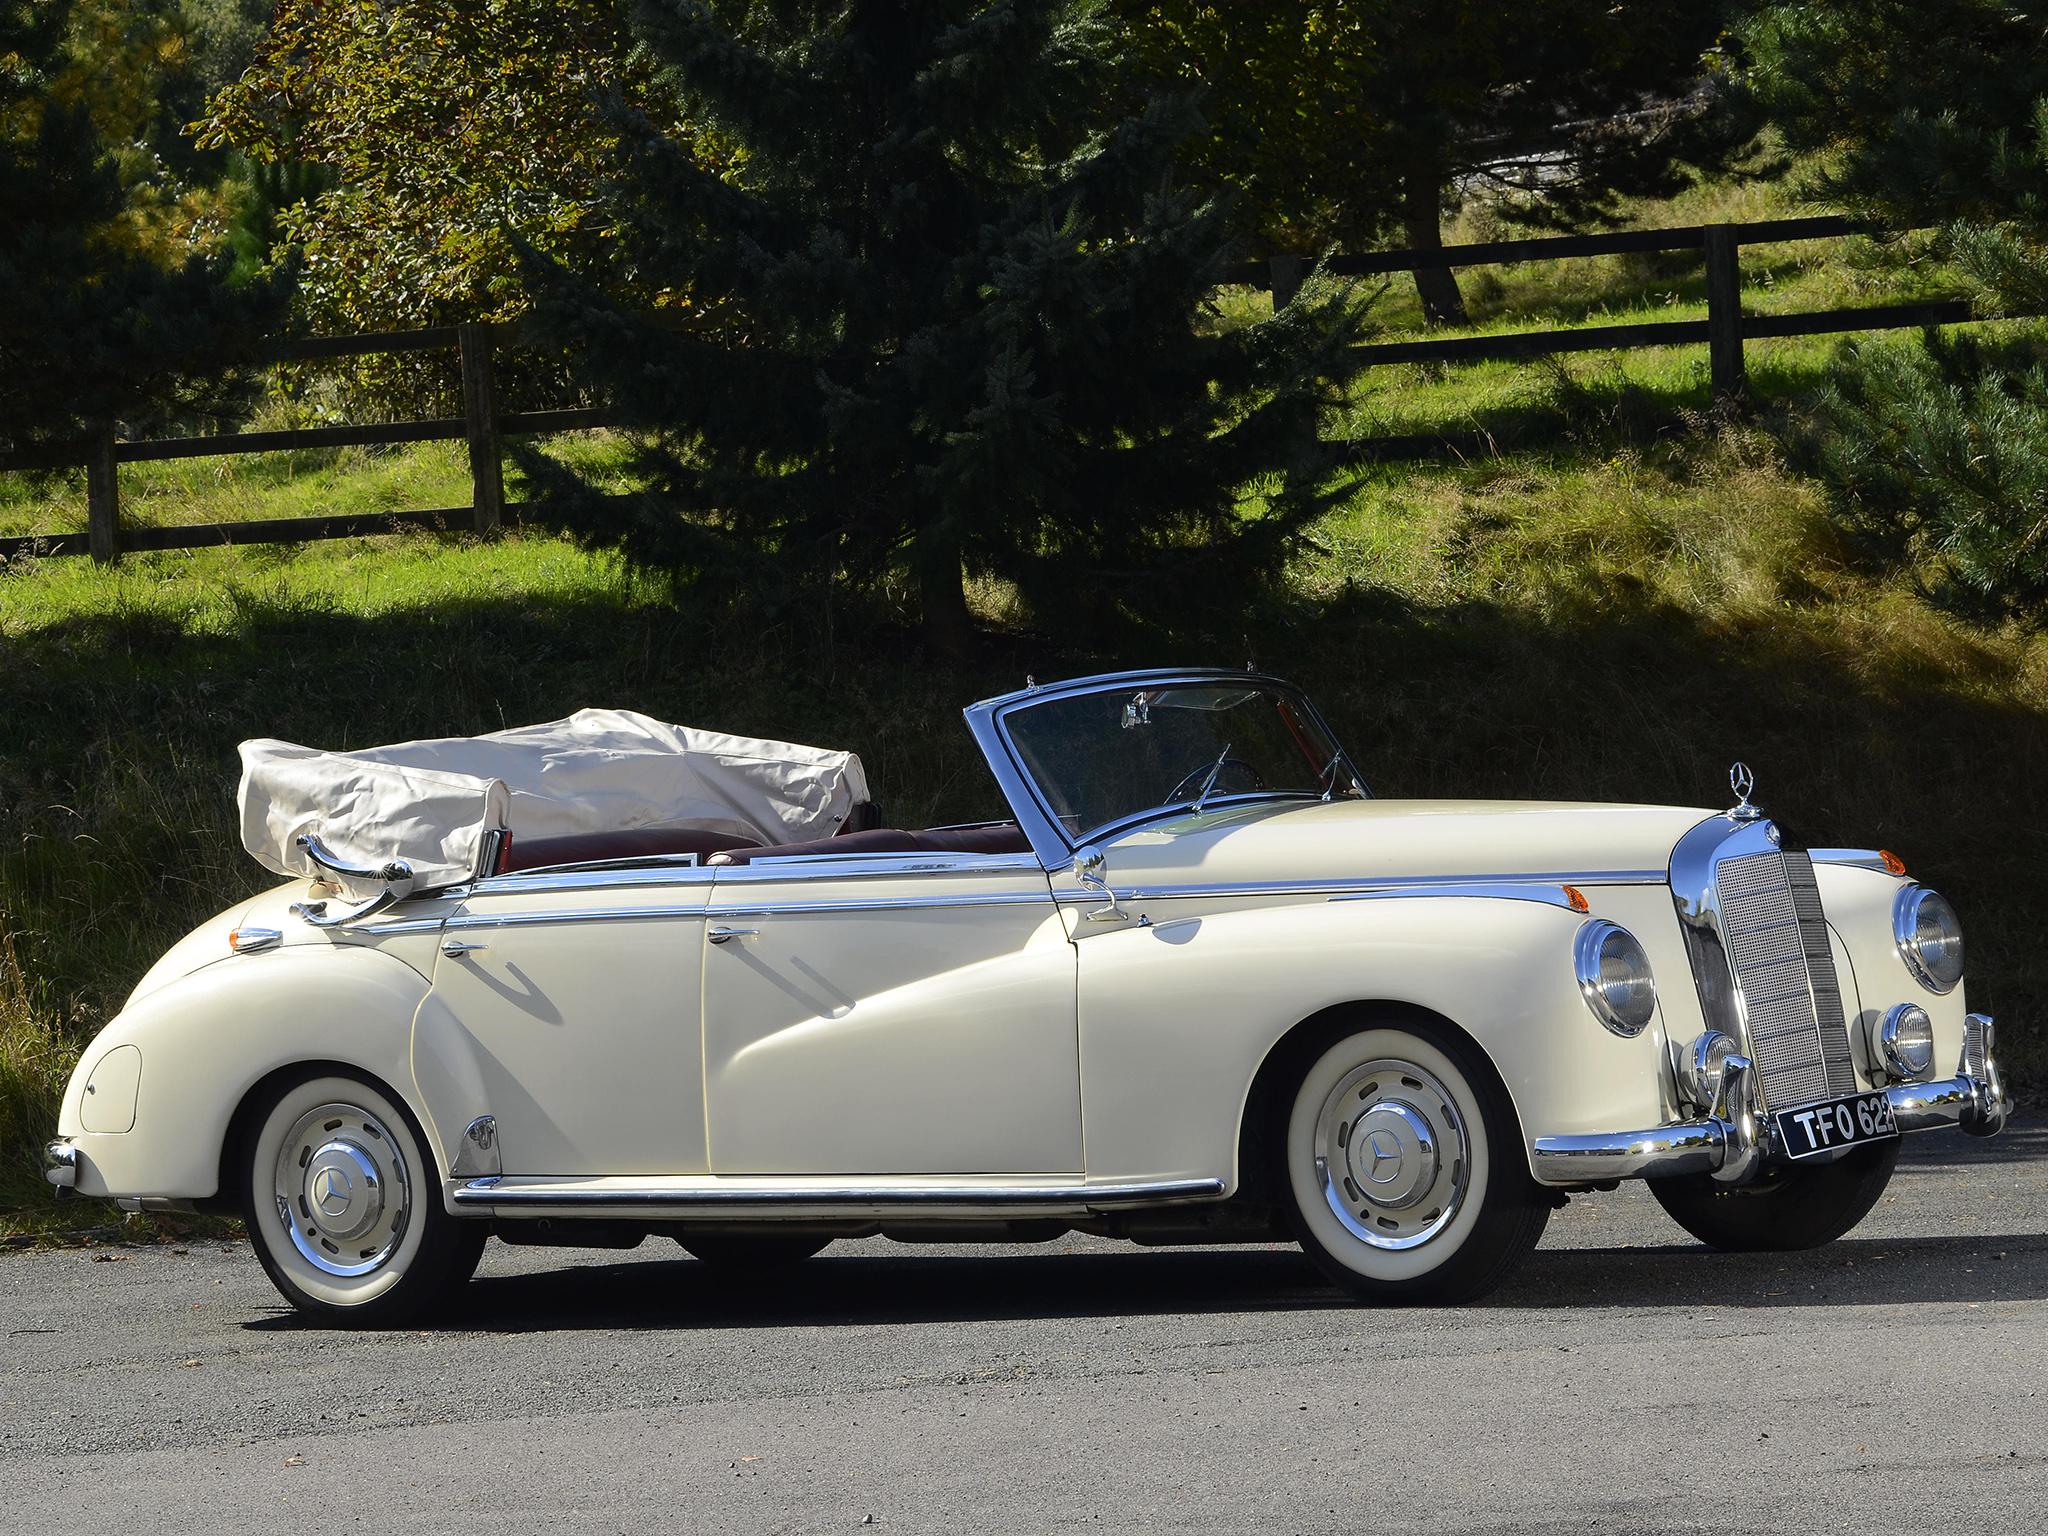 1951 mercedes benz 300 cabriolet d w186 luxury retro g for 4 door convertible mercedes benz